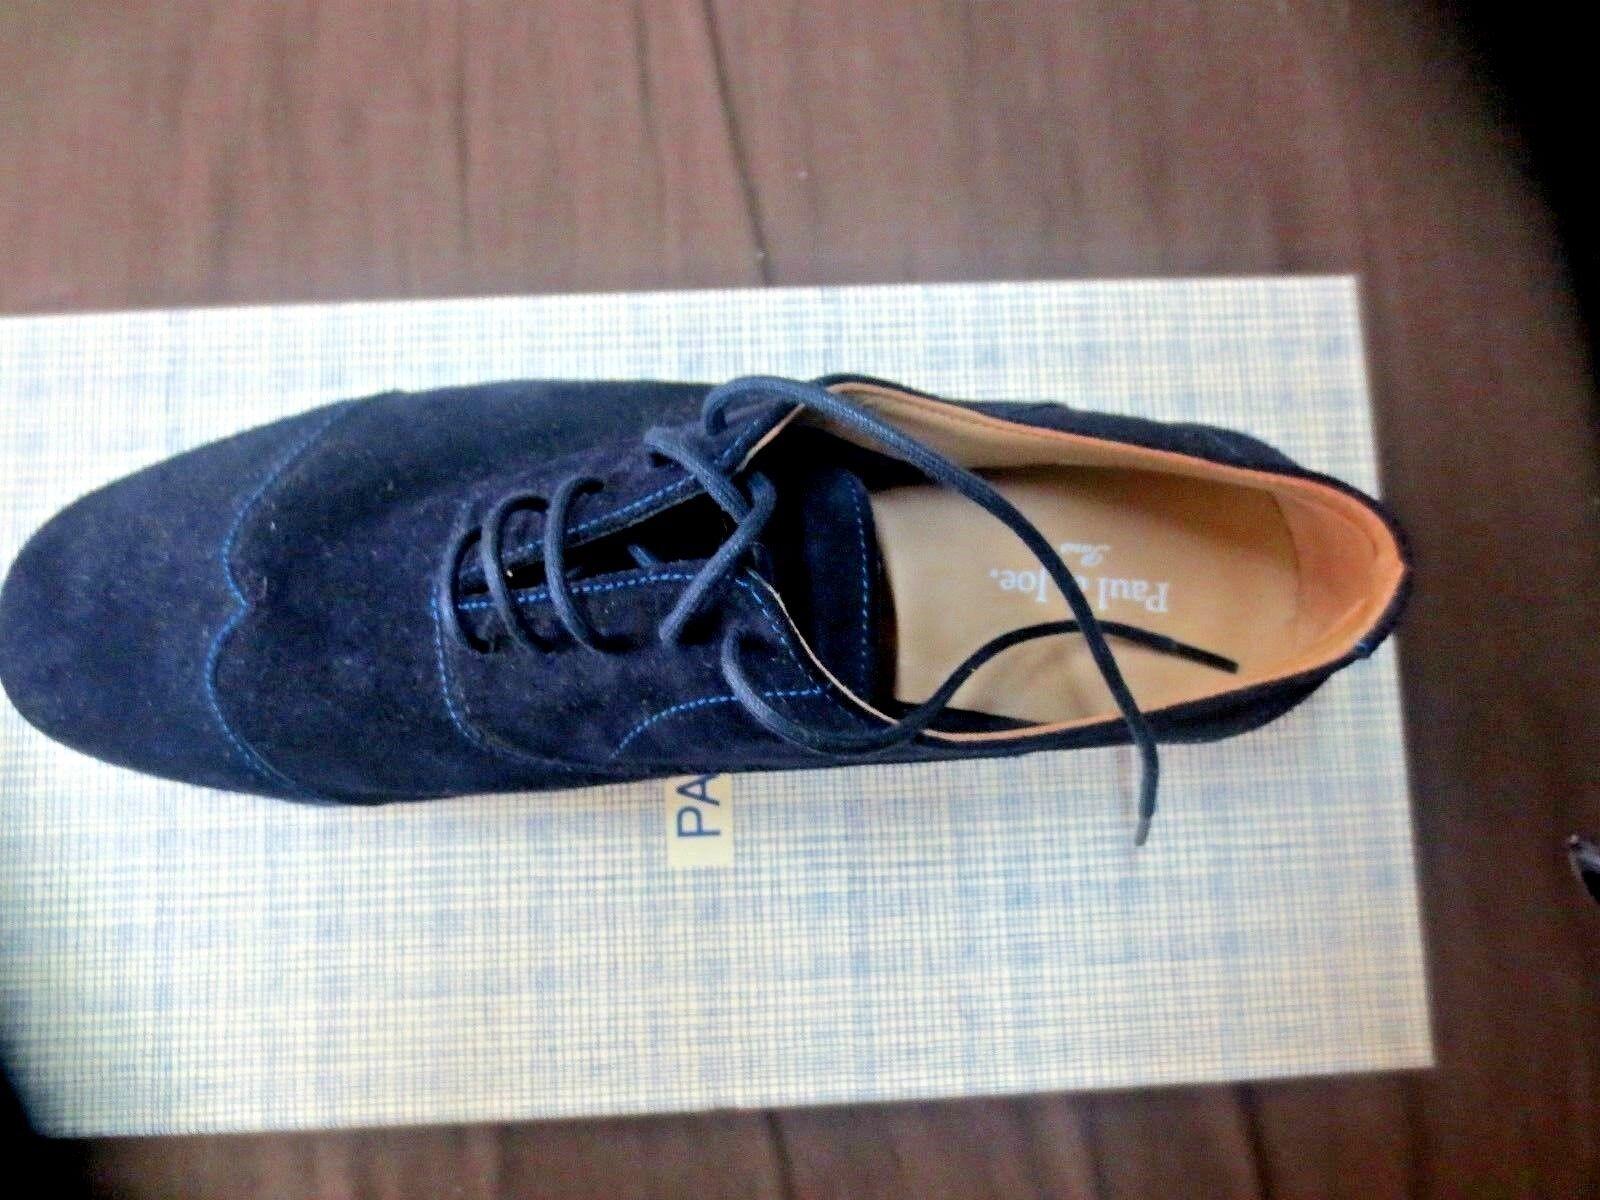 Venta de liquidación de temporada Mephisto Allrounder caballero zapatos sandalias talla 44 uk.9, 5 top estado (s 508)